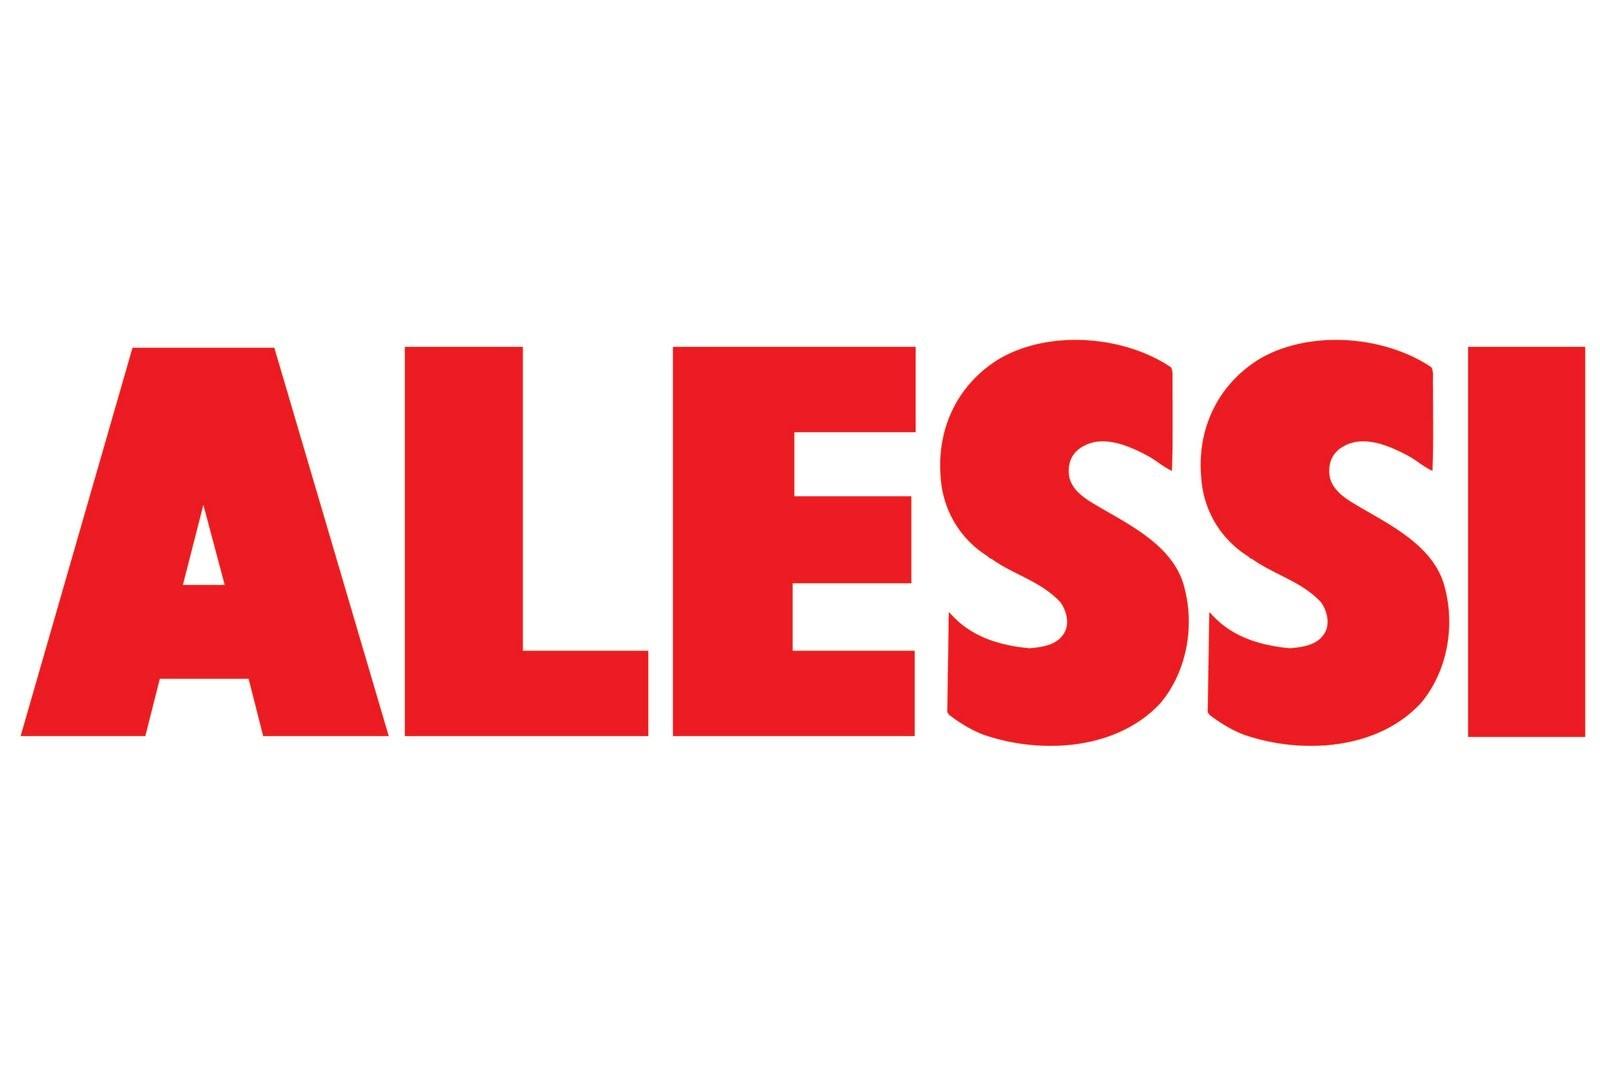 Alessi Spa